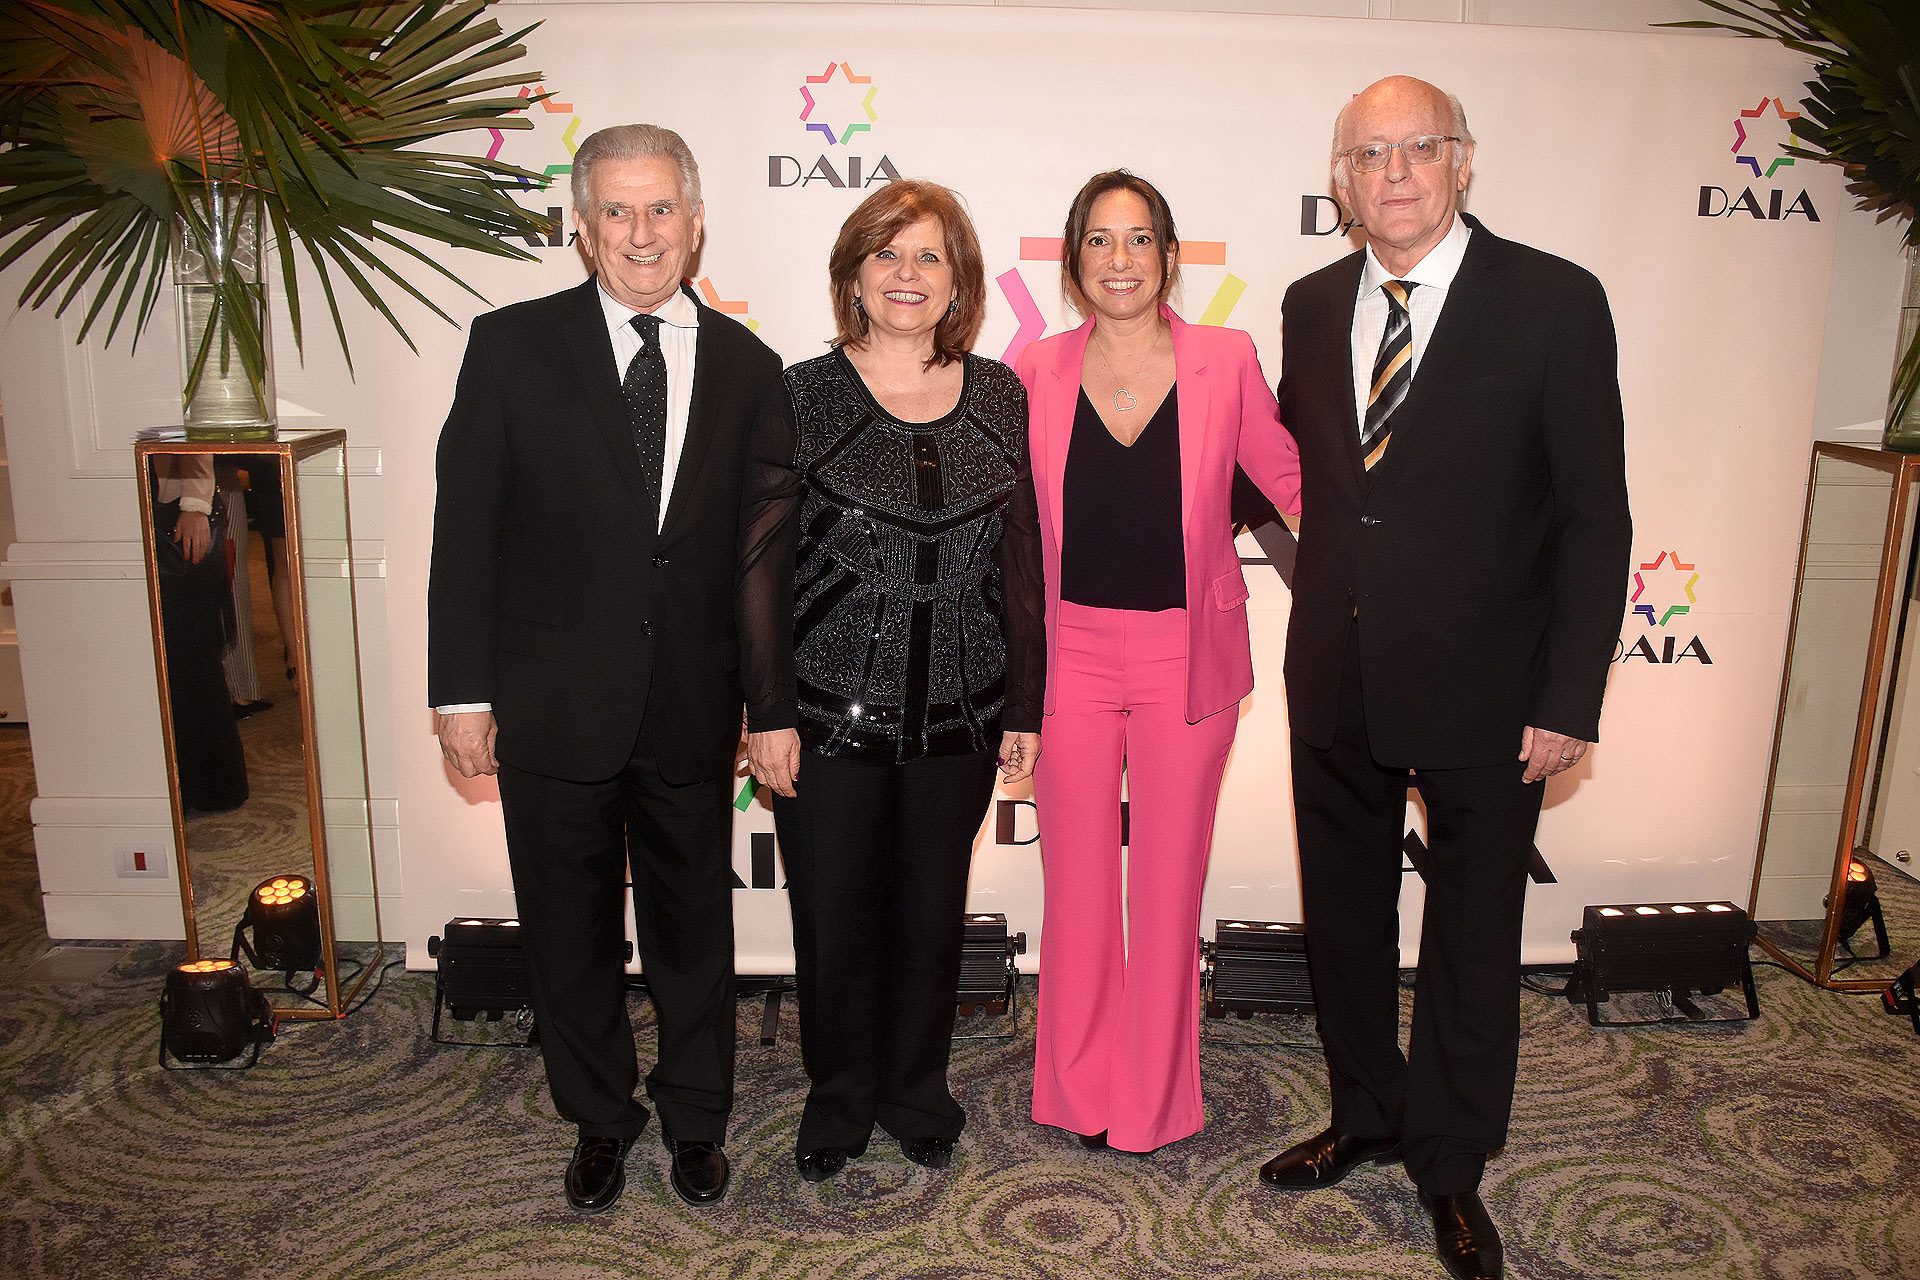 Alberto Hammerschlag, vicepresidente primero de la DAIA; Ana María Bou Pérez, ministra de Salud porteña; Pamela Malewicz, subsecretaria de Derechos Humanos y Pluralismo Cultural porteña; y Alberto Indij